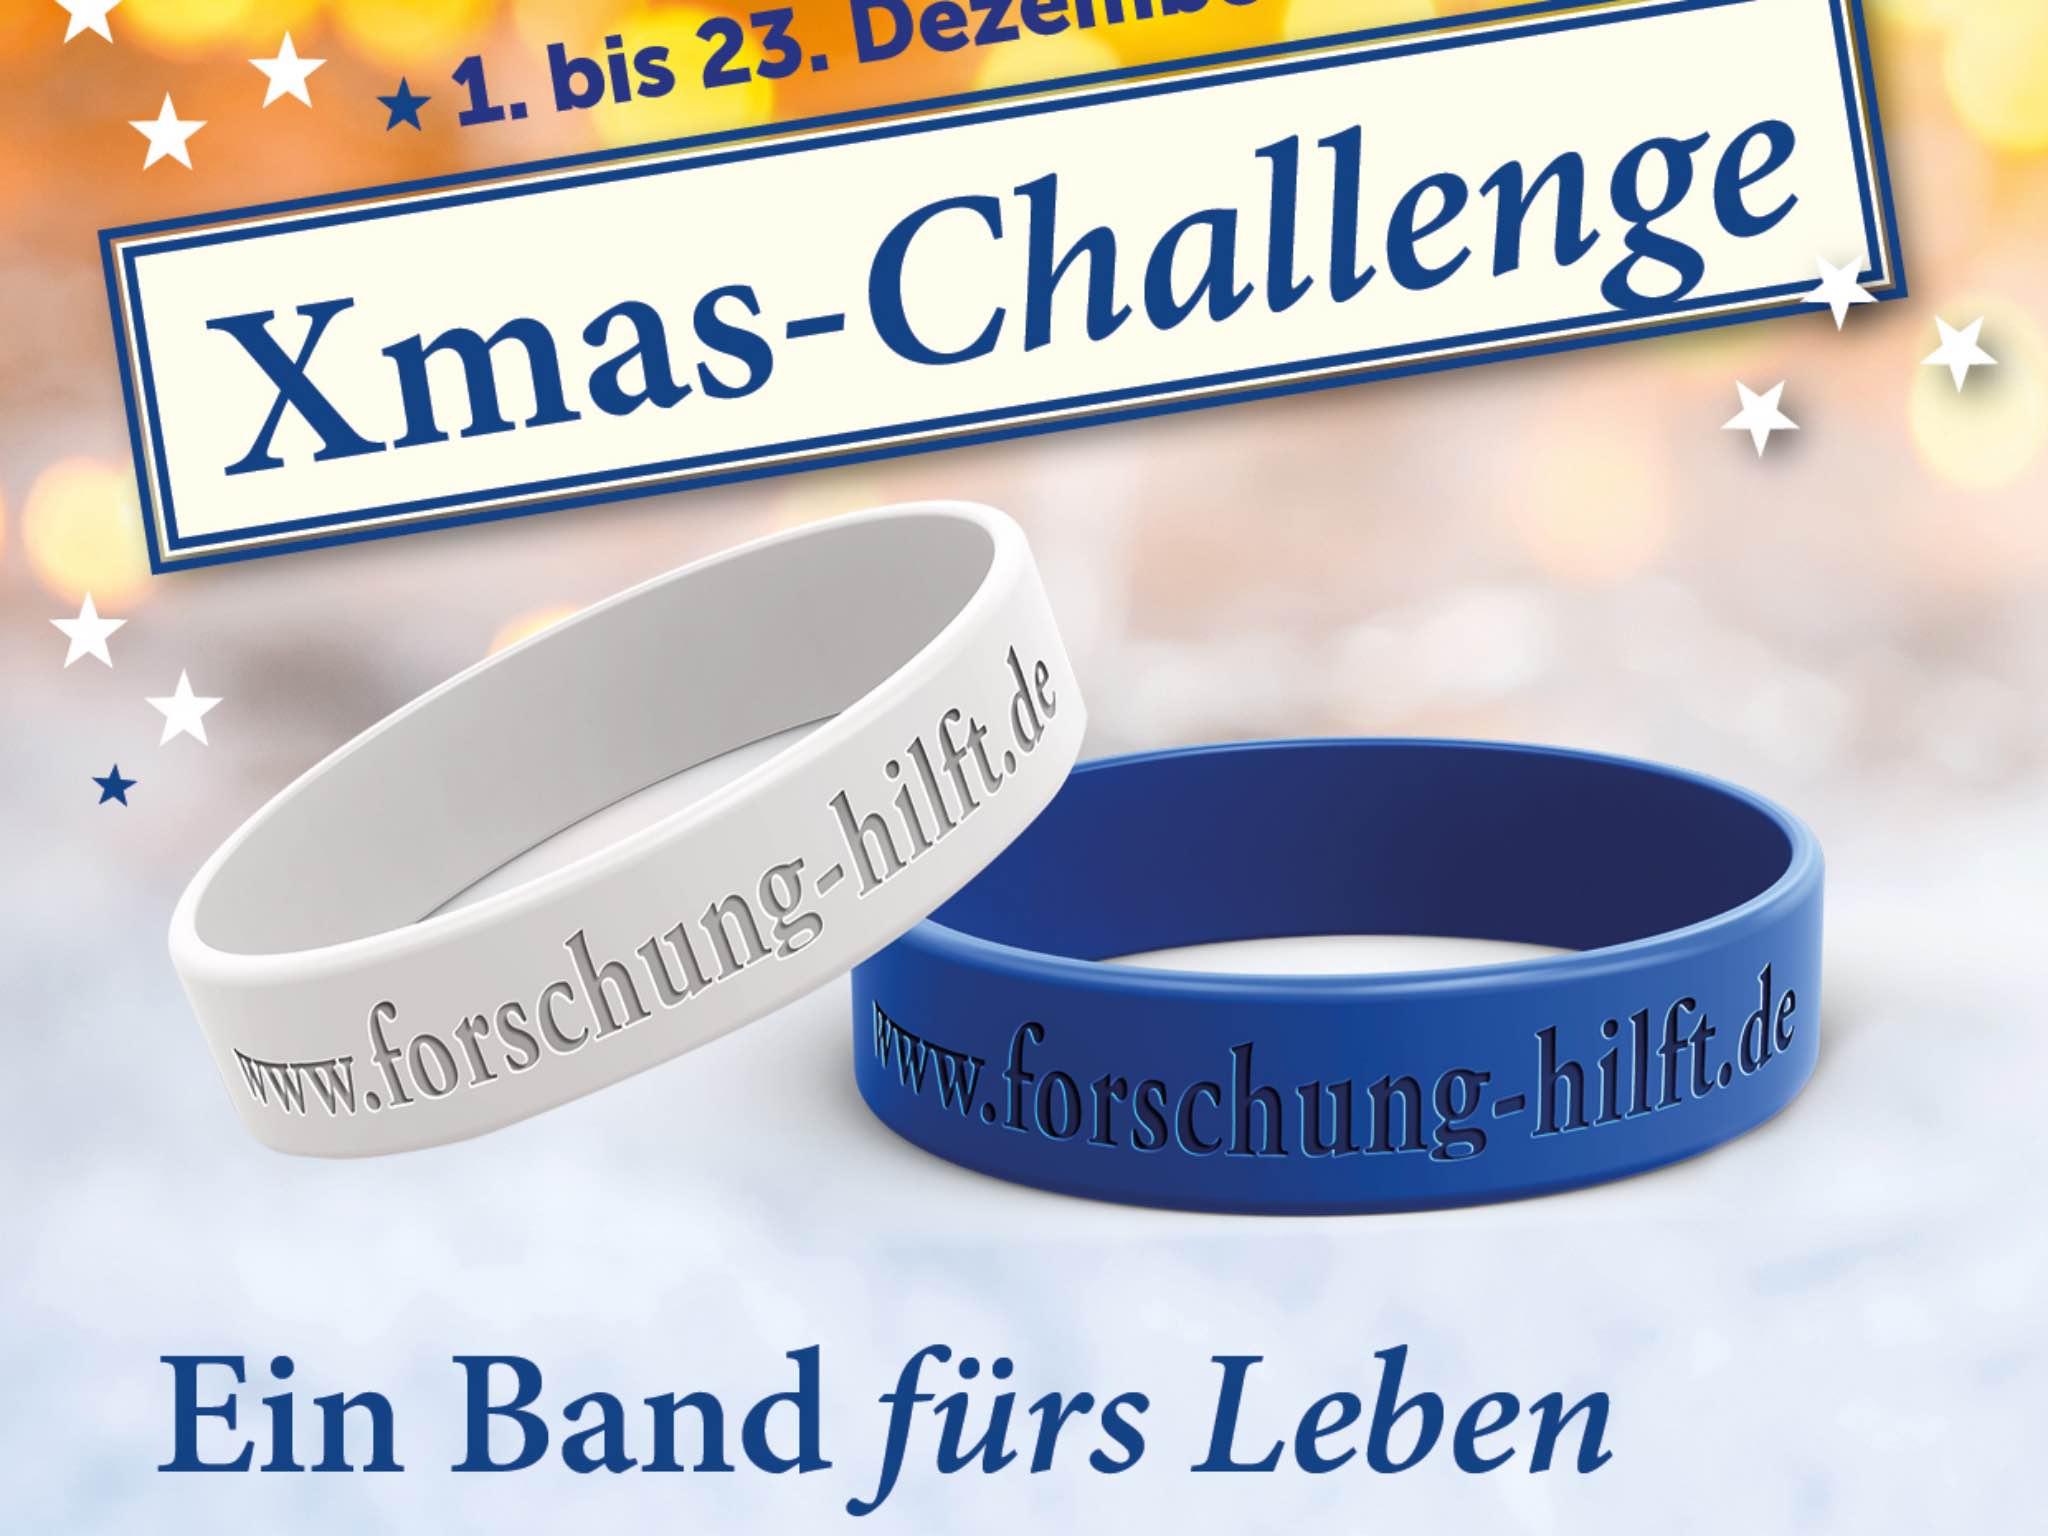 Die Xmas Challenge von Forschung versucht Spenden in der Weihnachtszeit zu gewinnen. Foto: Forschung hilft/Gabriele Nelkenstock